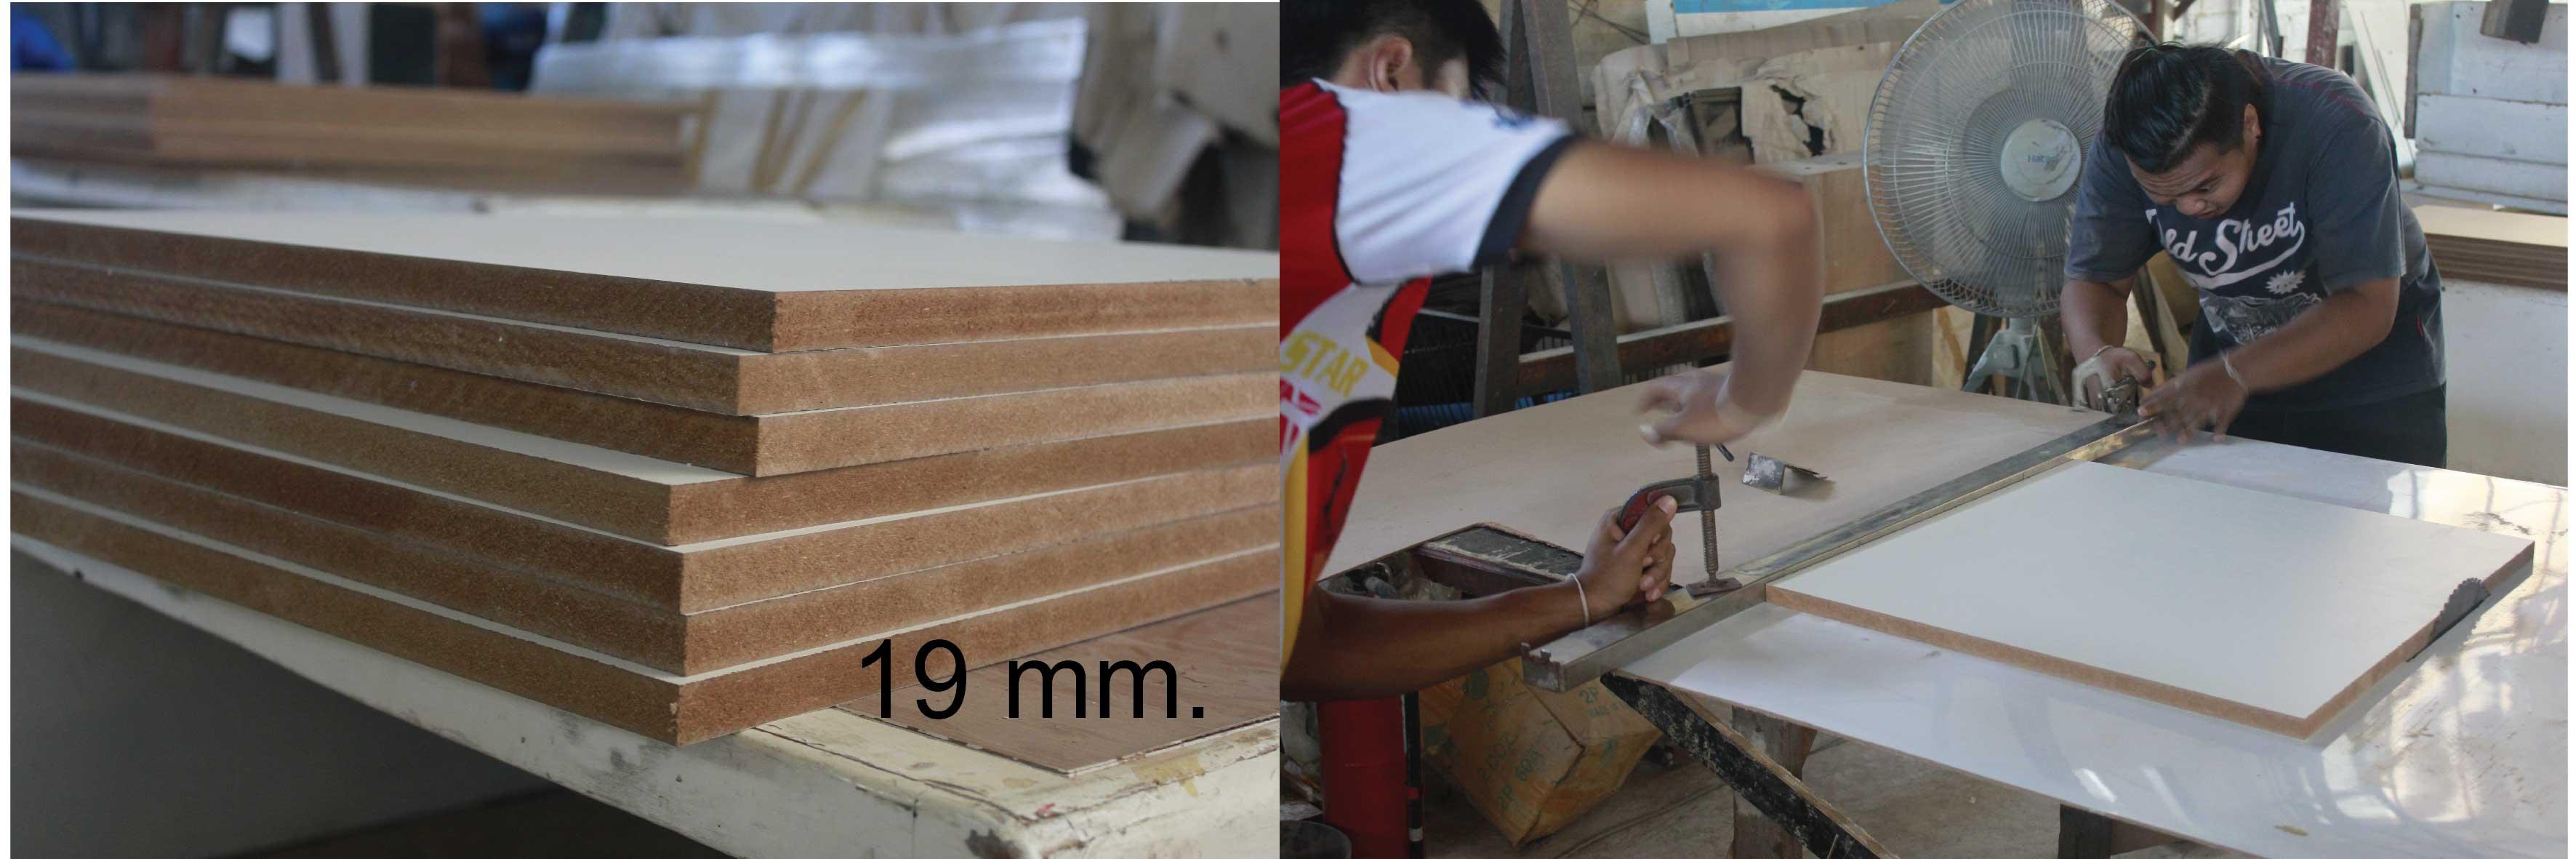 แผ่นไม้ที่นำมาประกอบตู้ครอบเตาอบต้องมีความหนา 19 mm. ซึ่งจะเป็นขนาดที่สามารถรองรับน้ำหนักเตาอบได้เป็นอย่างดี โดยไม่ทำให้โครงสร้างแอ่นและโค้งงอ